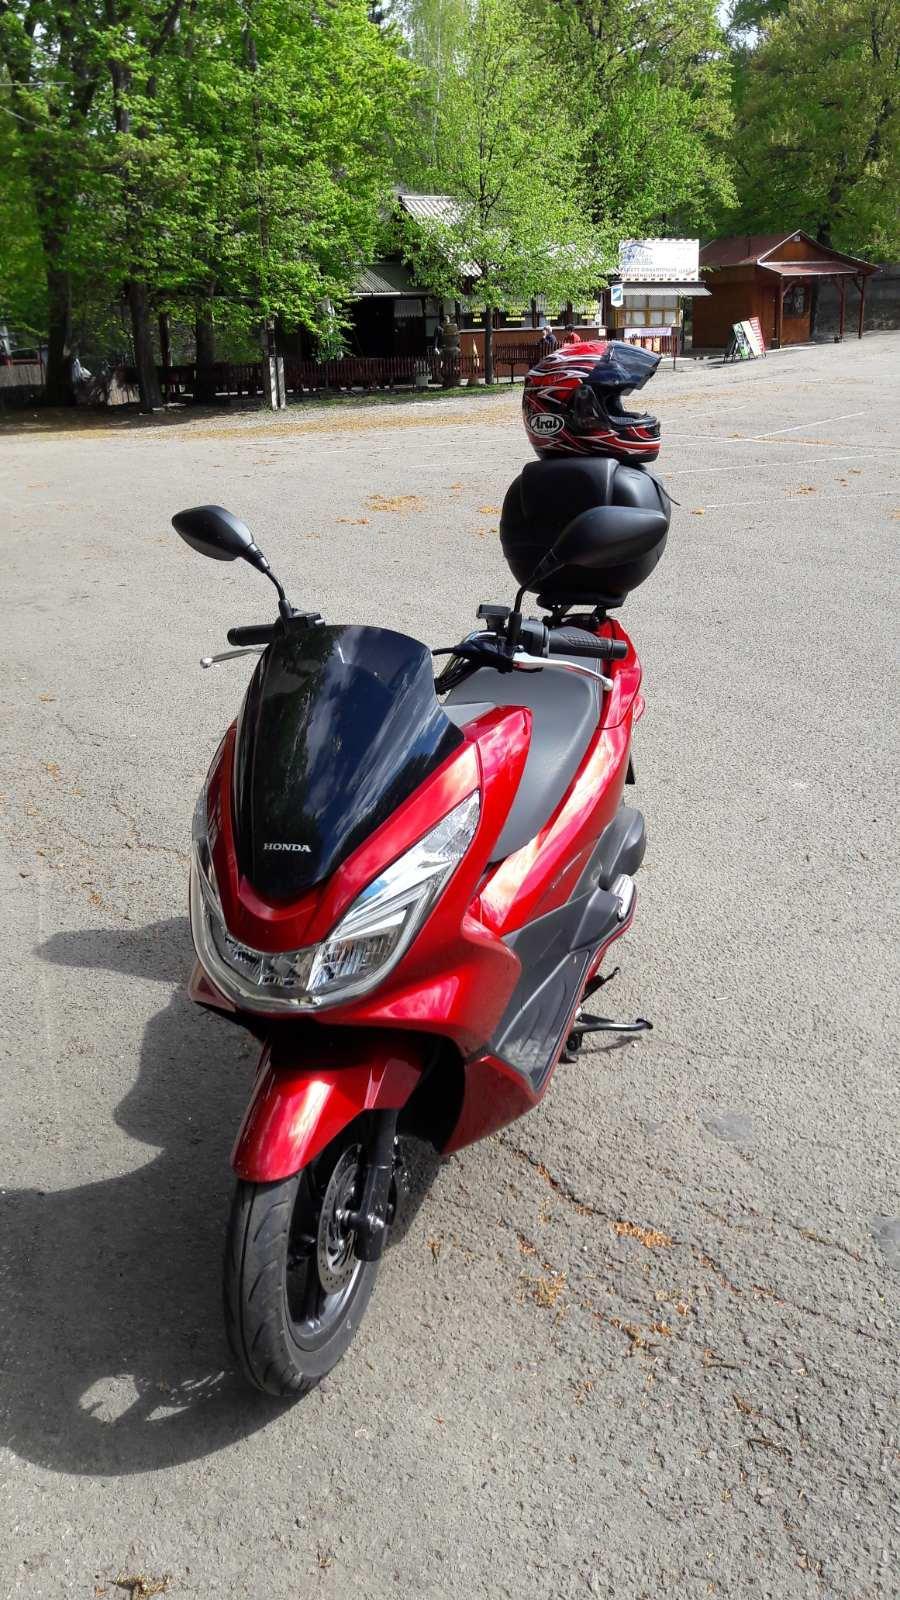 Suzuki GS 500 E - Piros | motoapro.hu - Apróhirdetés